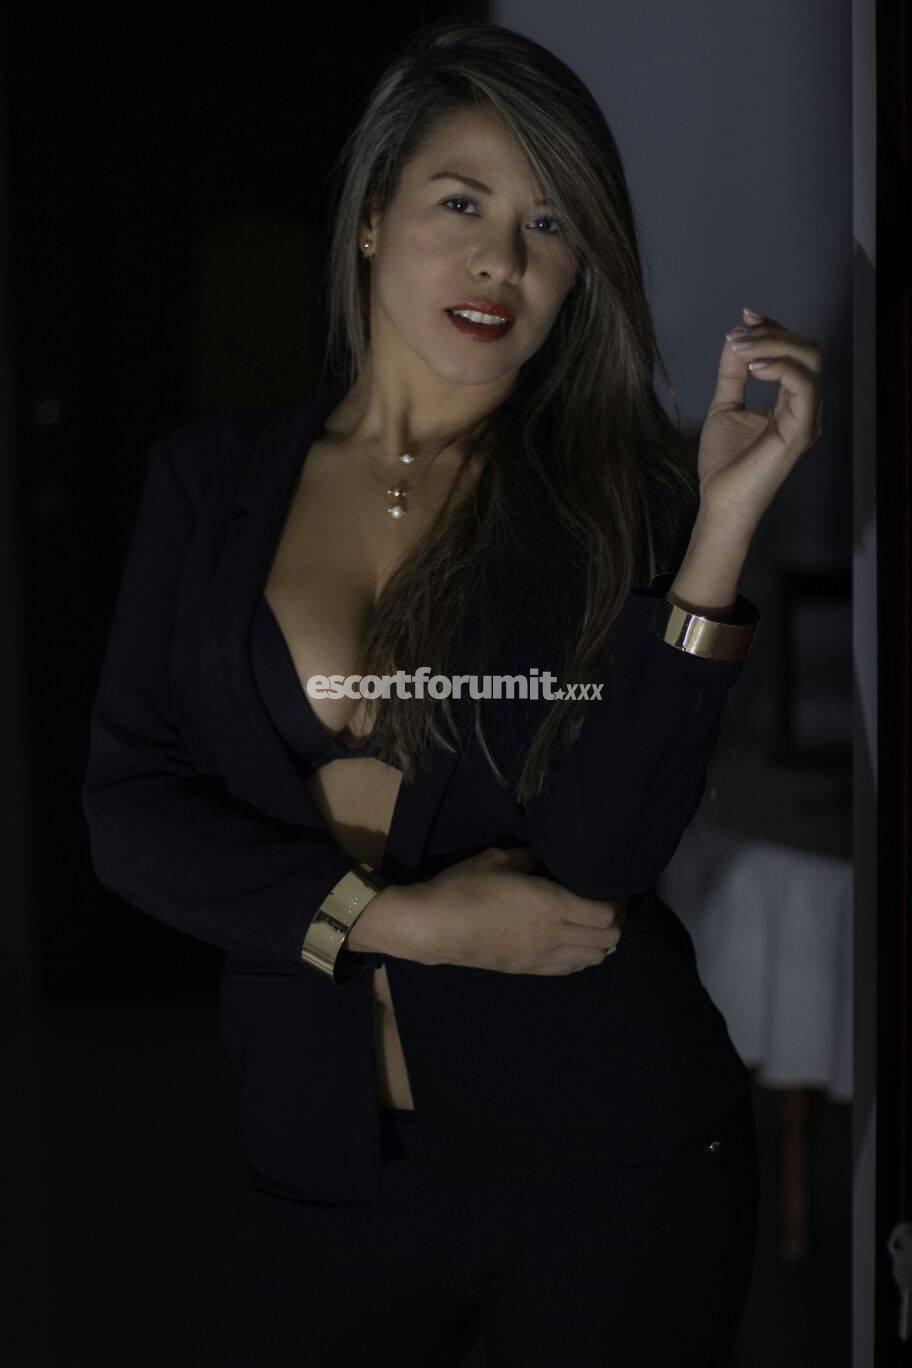 Melany colombia